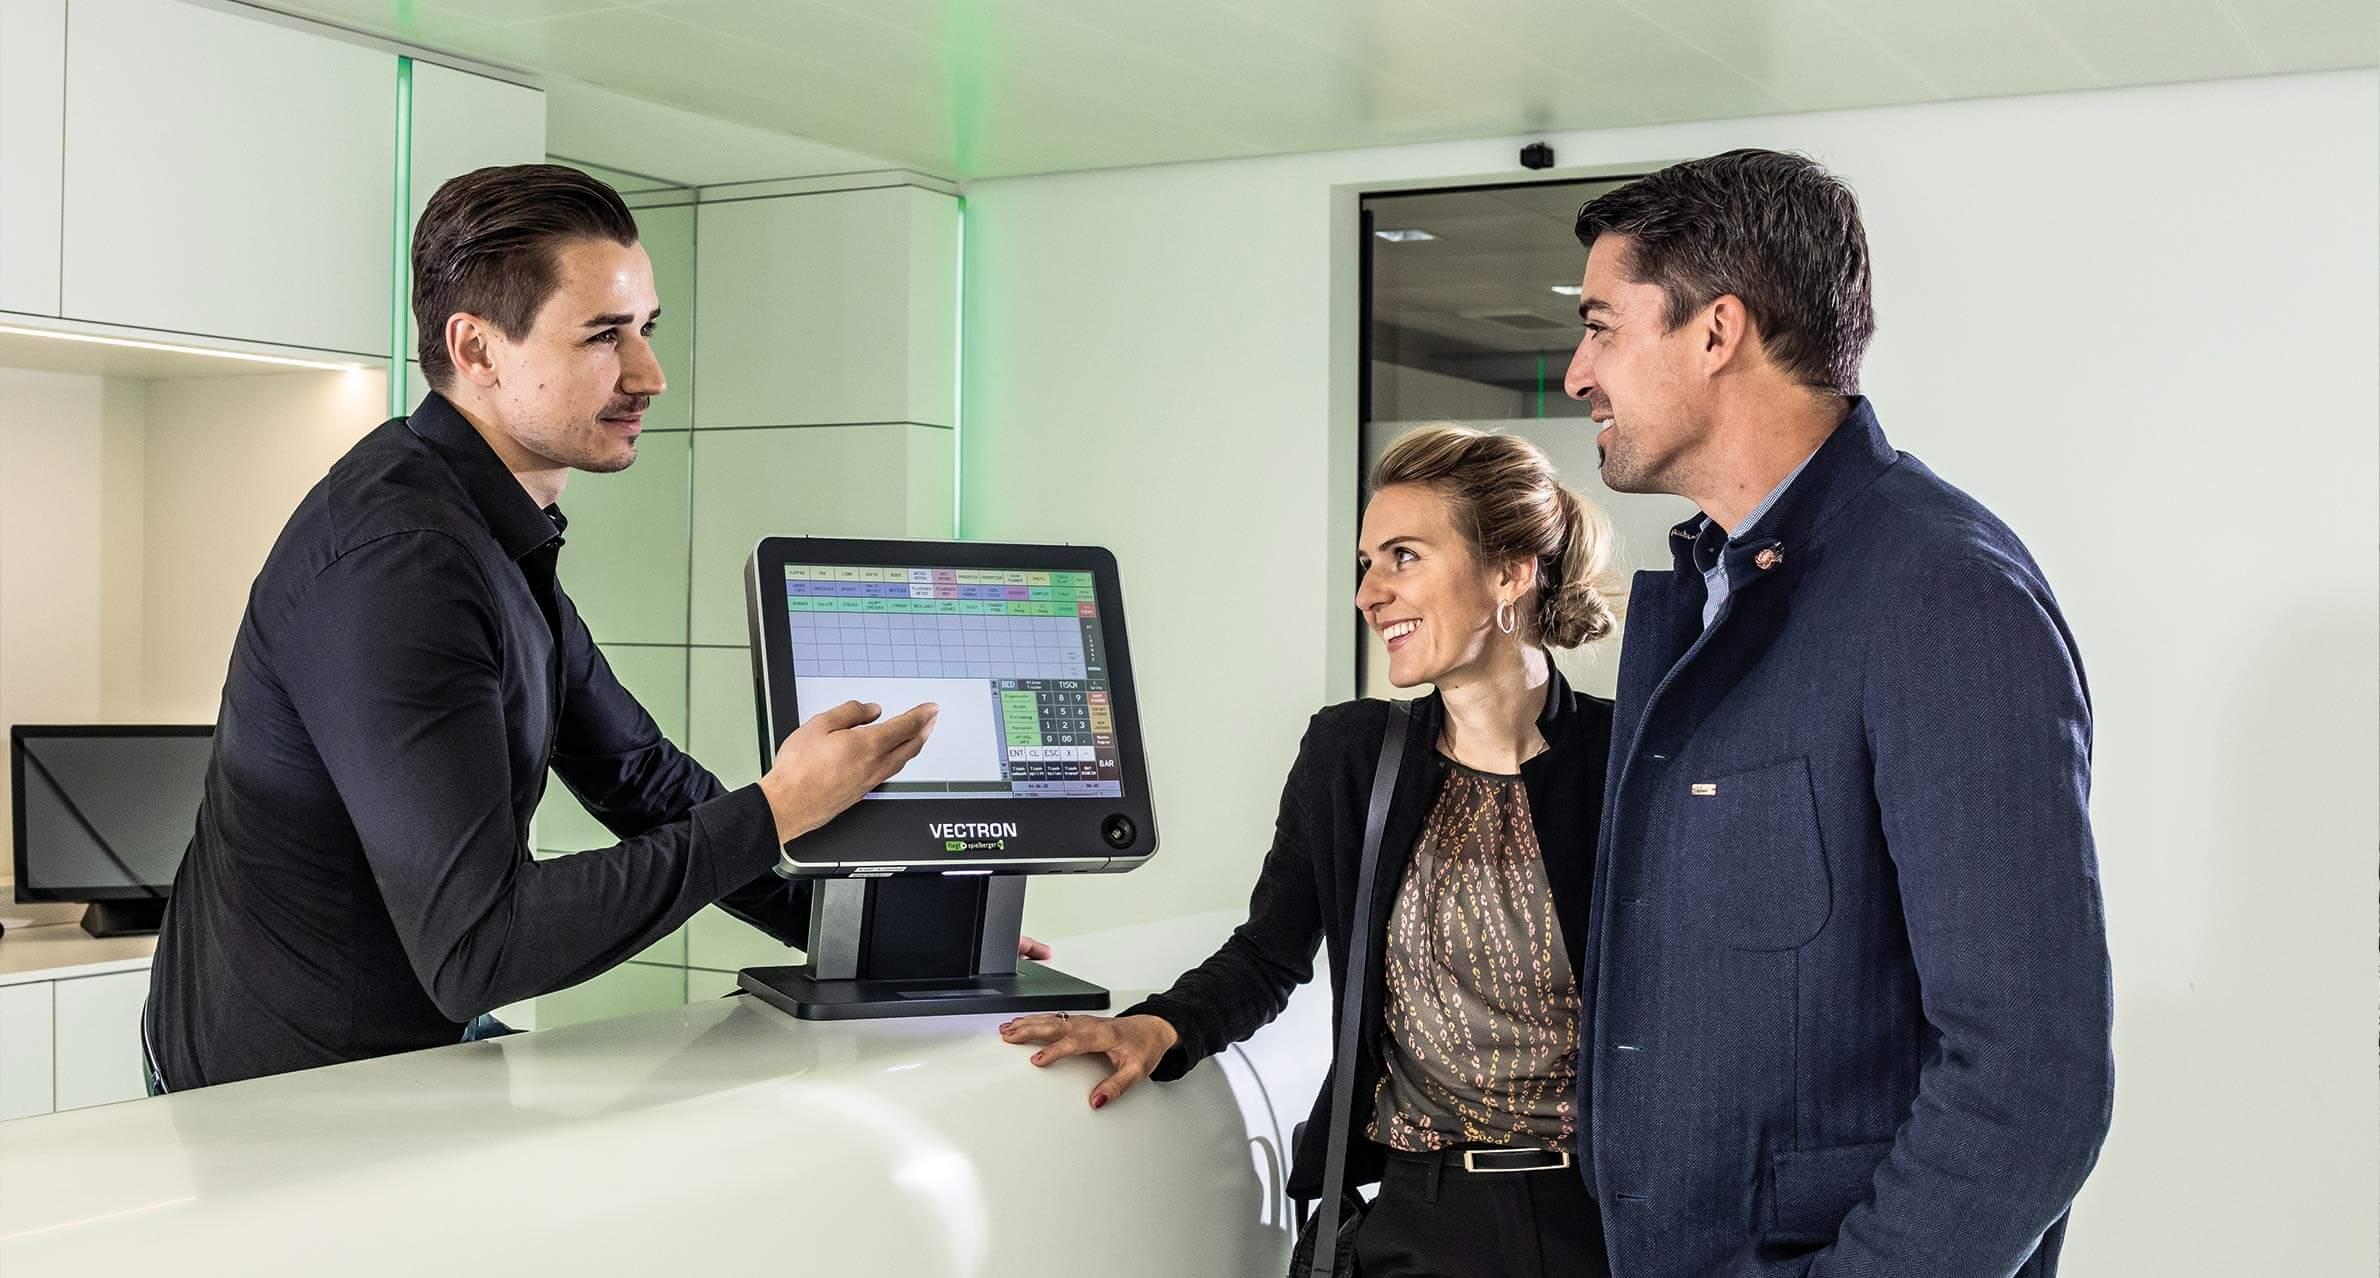 Kassensystem Mitarbeiter im Kundengespräch